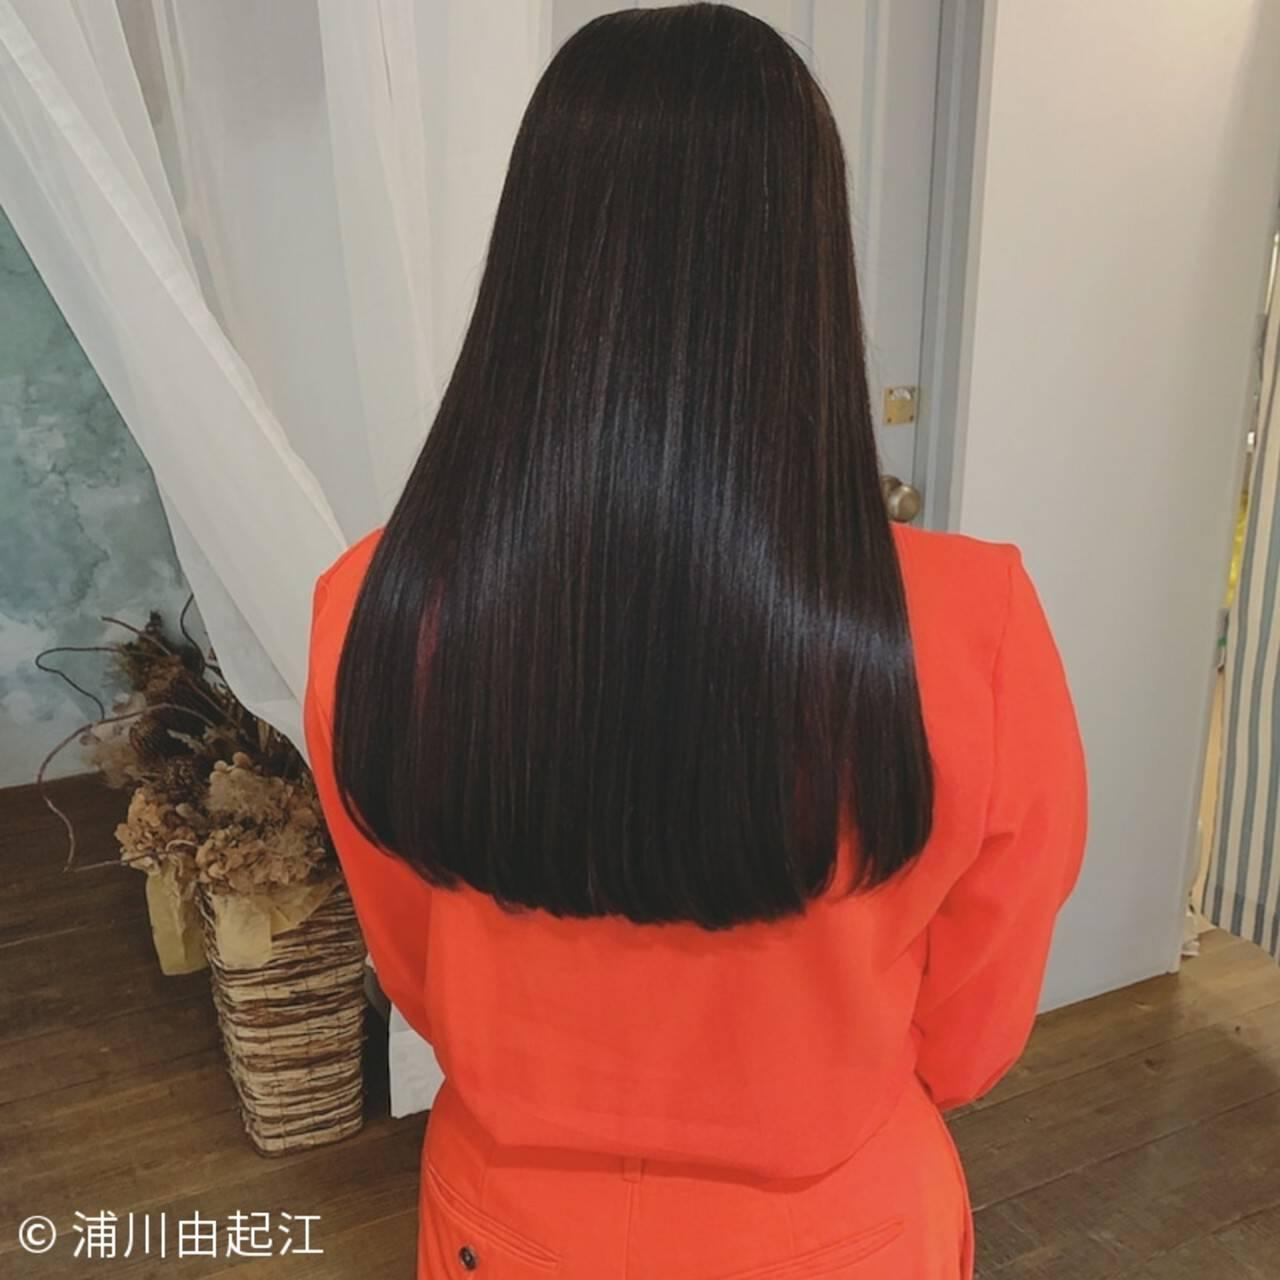 モテ髪 ロング 艶髪 黒髪ヘアスタイルや髪型の写真・画像